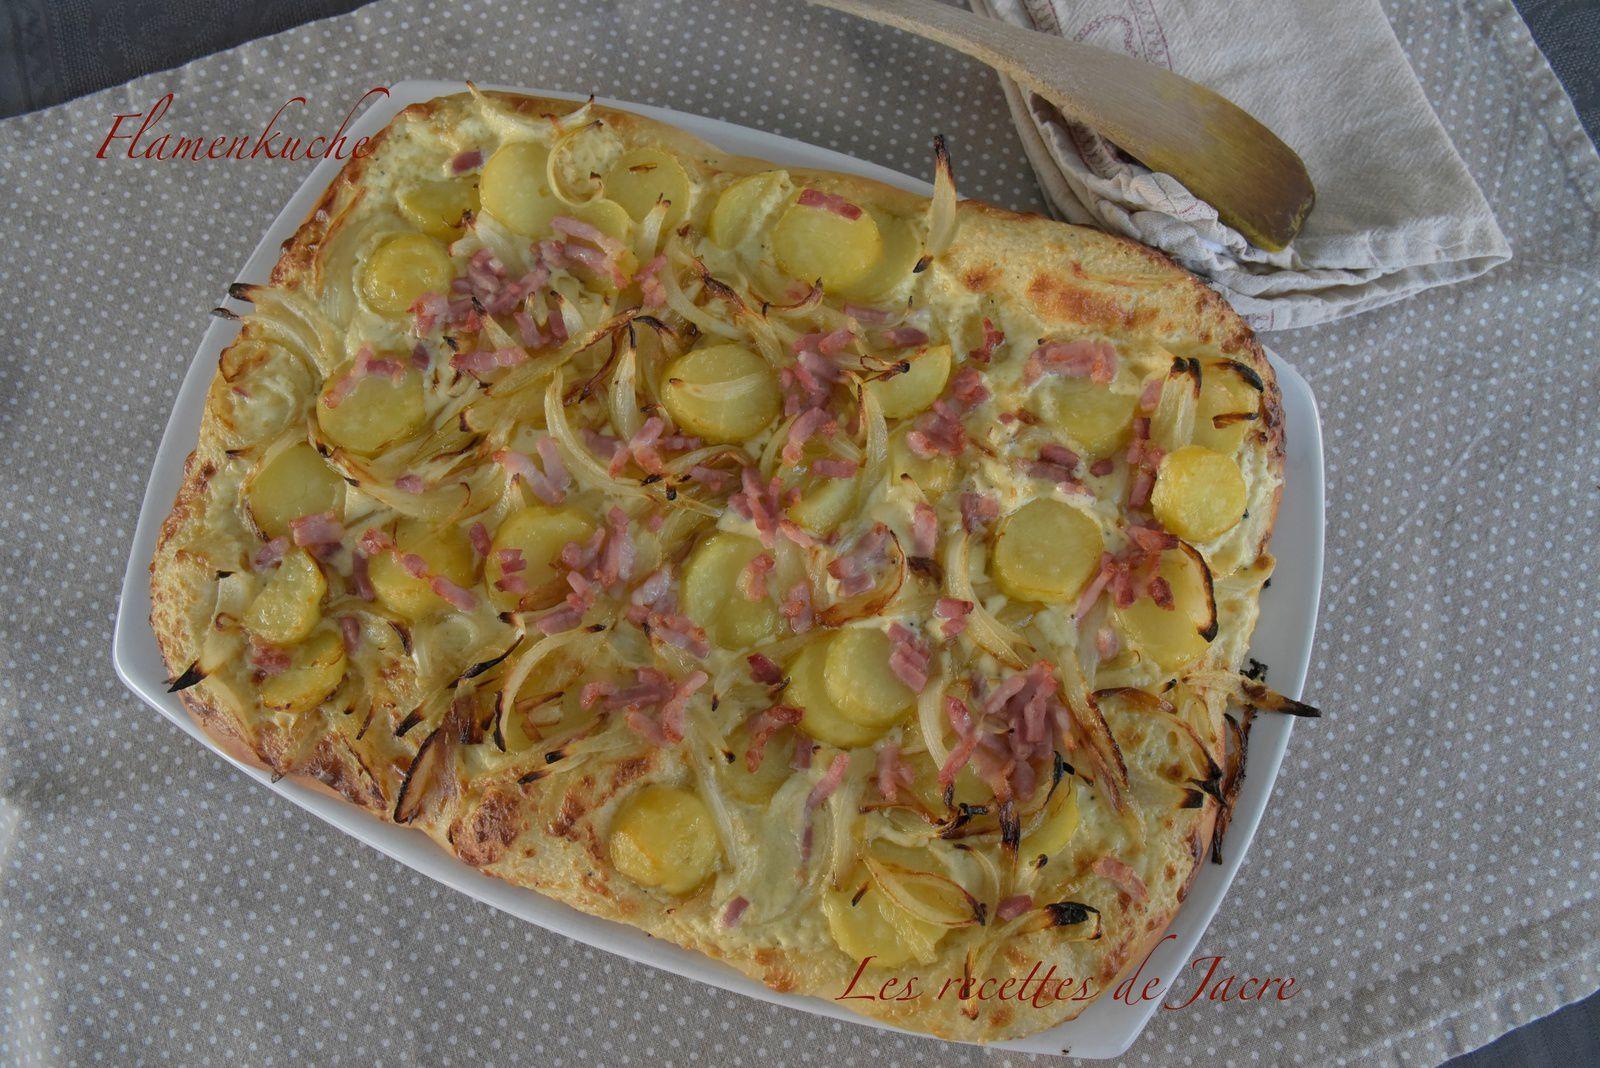 Flamenkuche aux pommes de terre